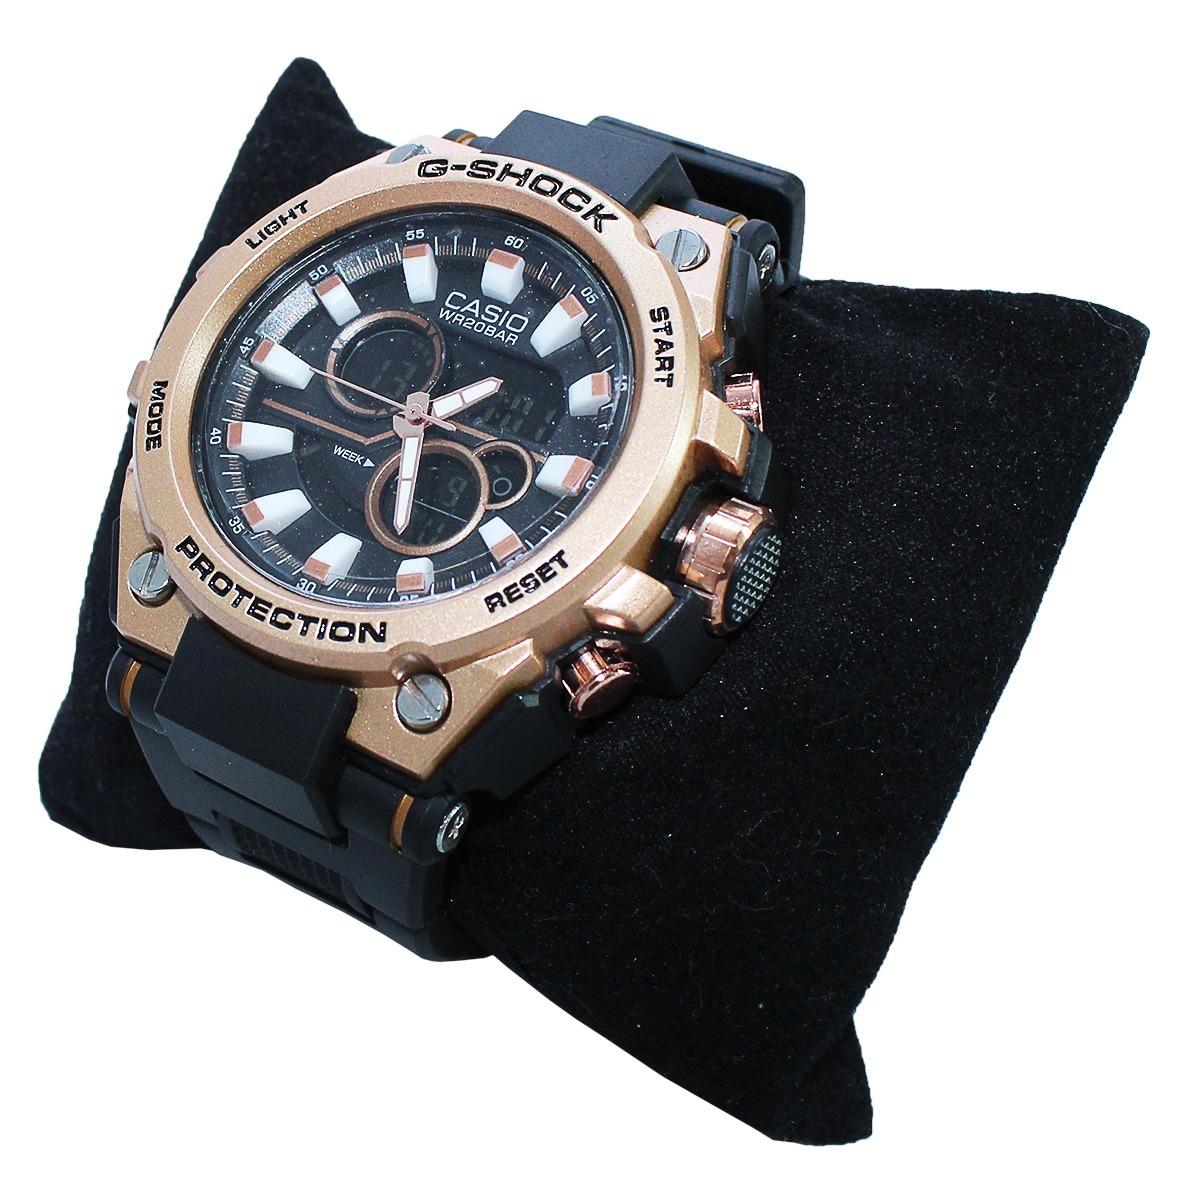 88a8d4eec4e relógio casio g shock bronze digital analógico lançamento. Carregando zoom.